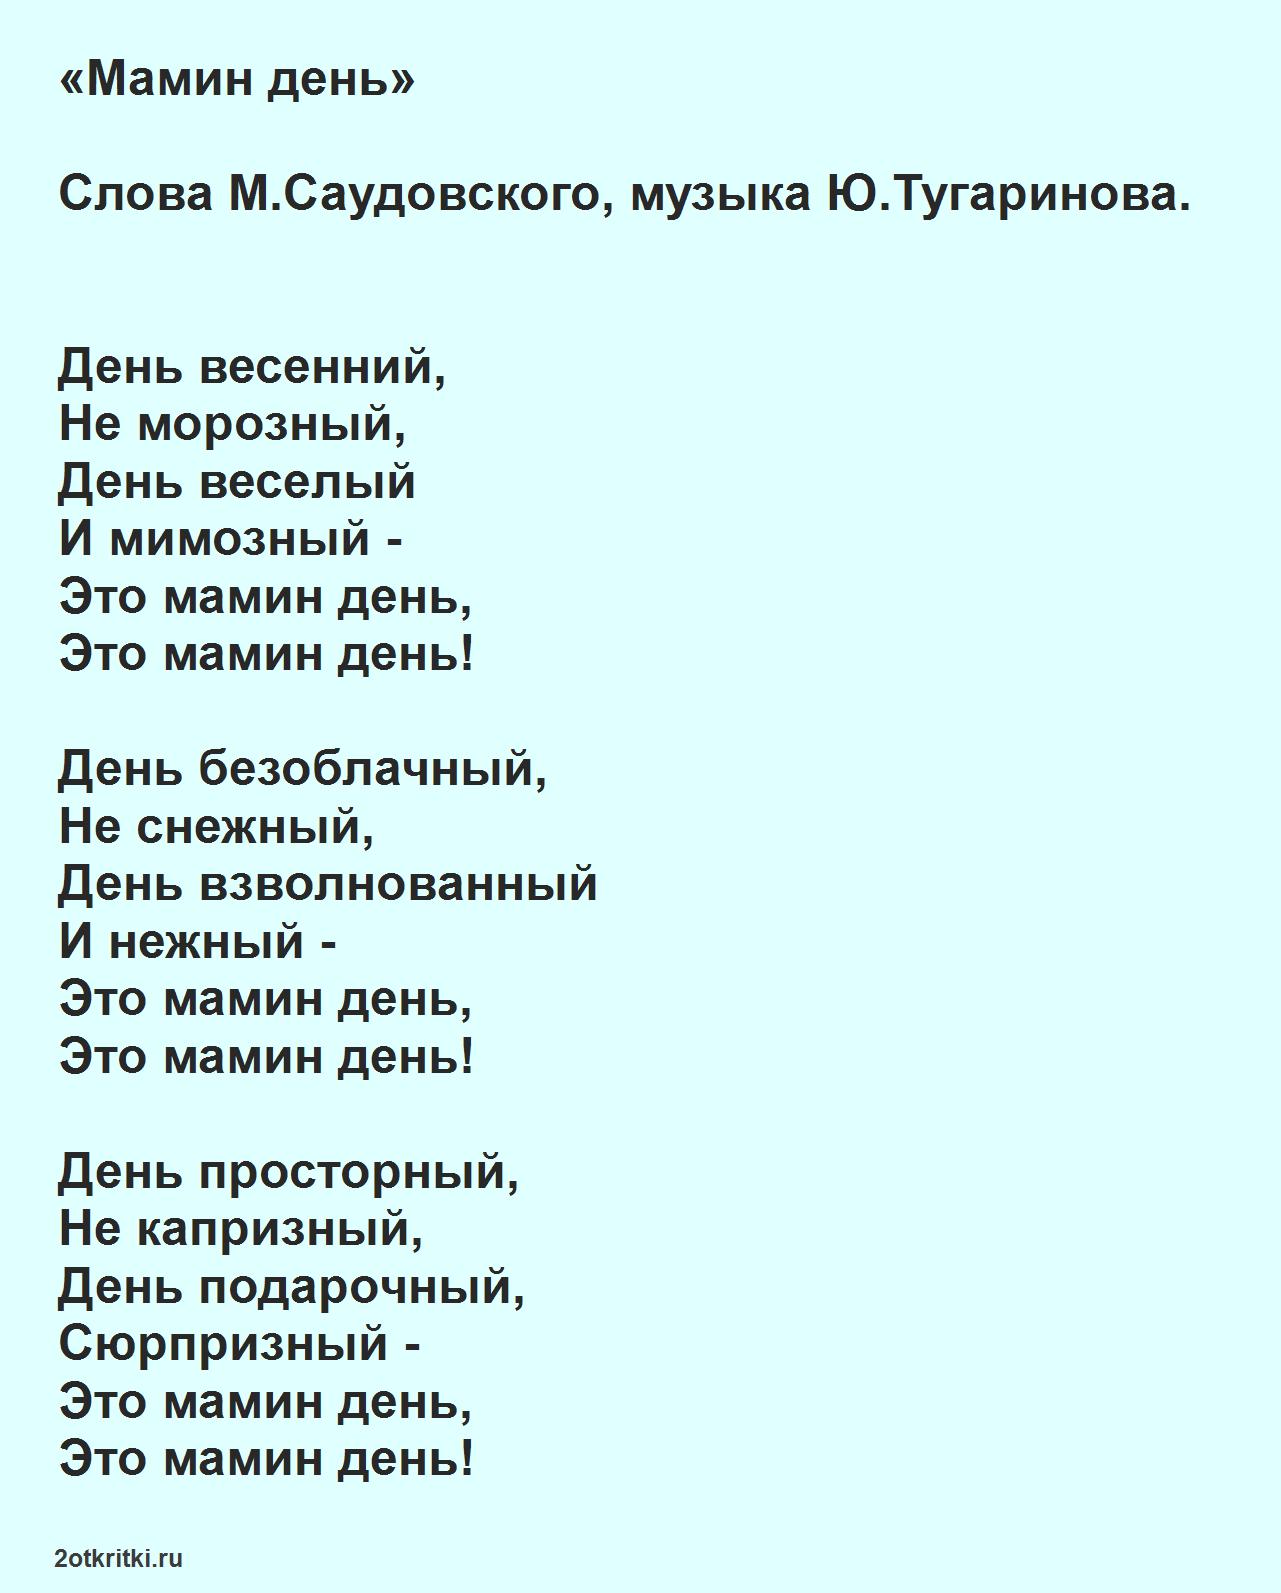 Детские песни на день матери - Мамин день